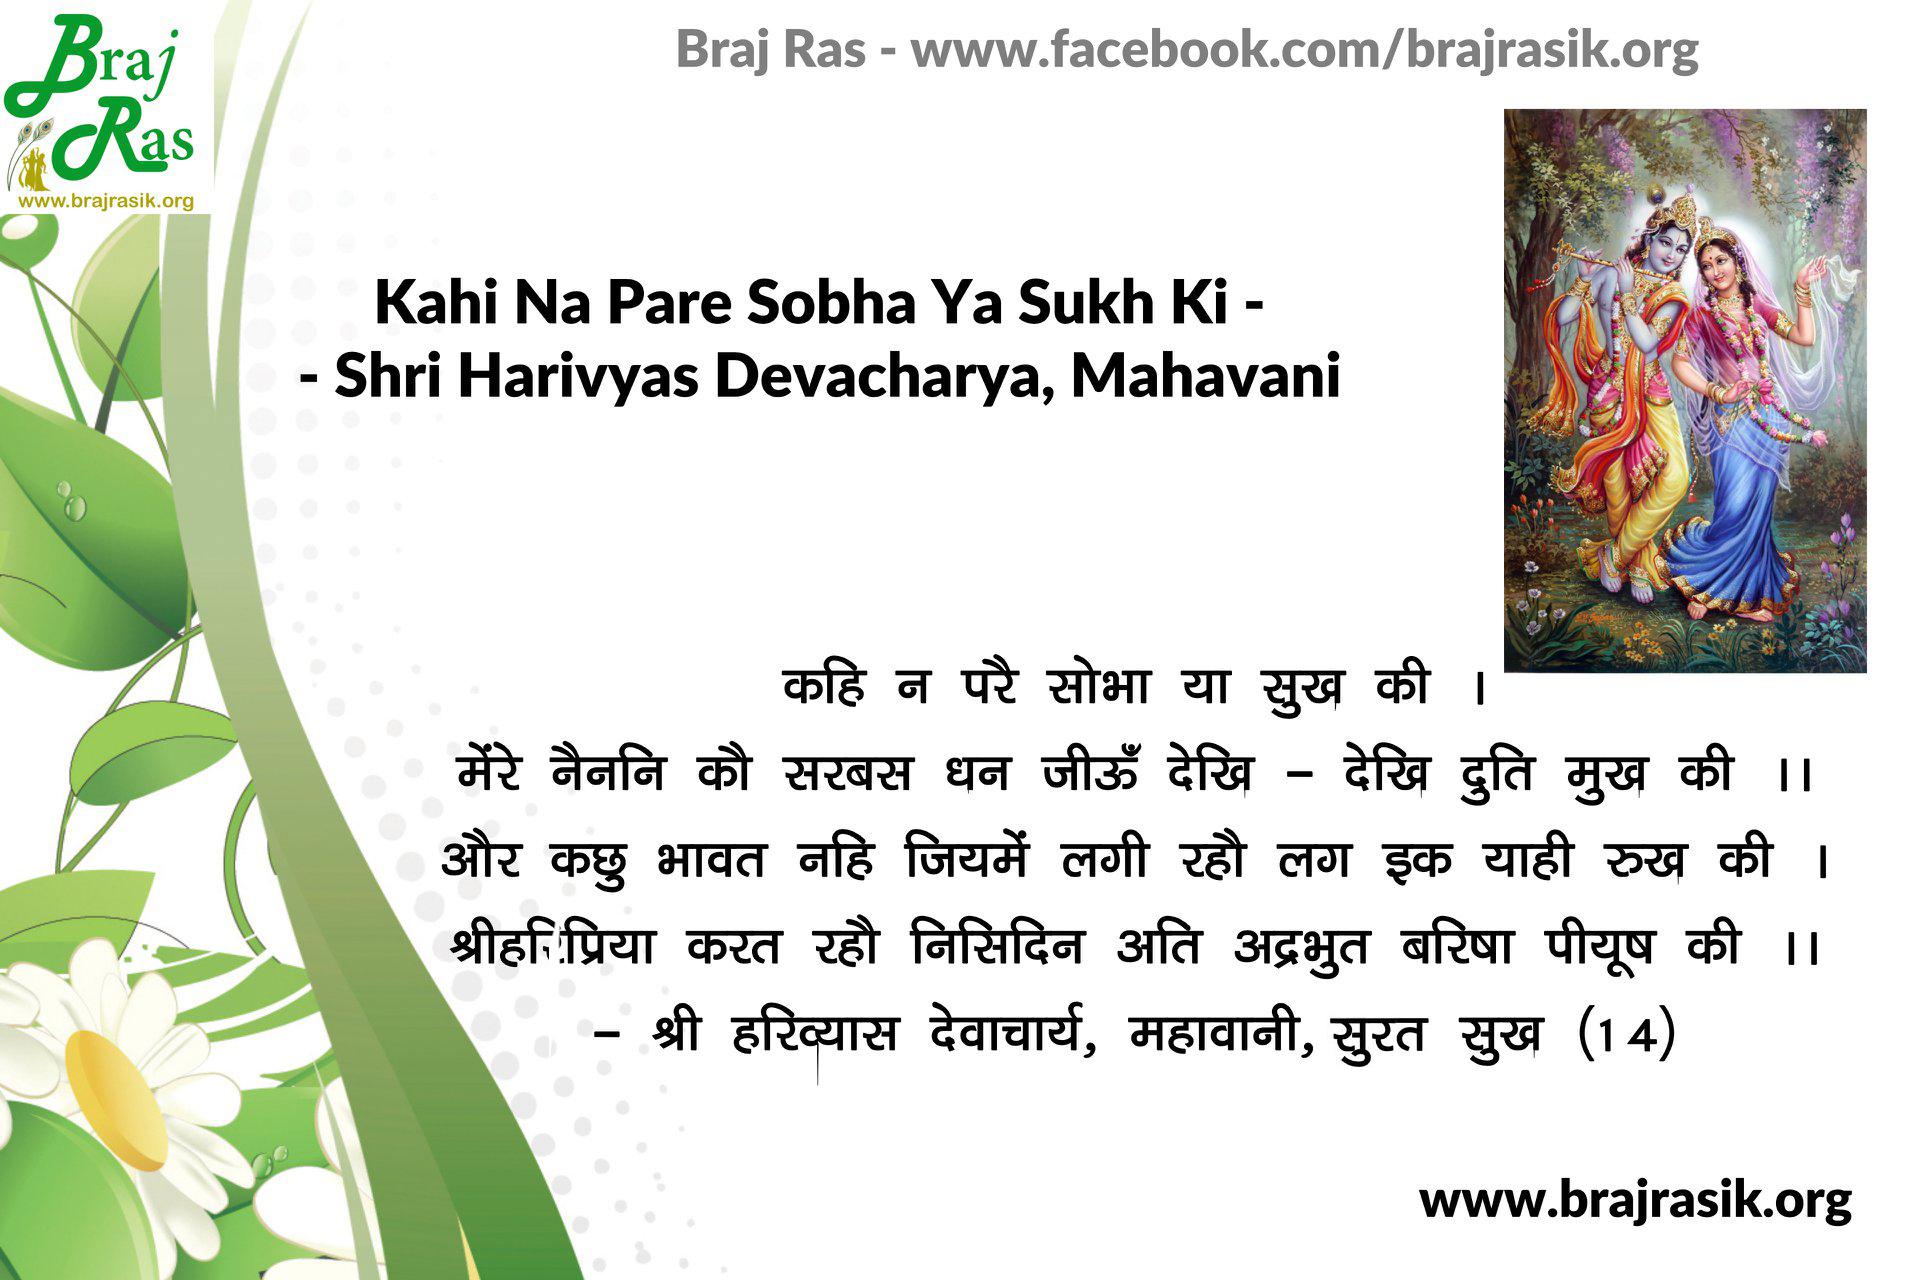 Kahi Na Pare Sobha Ya Sukh Ki - Shri Harivyas Devacharya, Mahavani, Sewa Sukh (14)